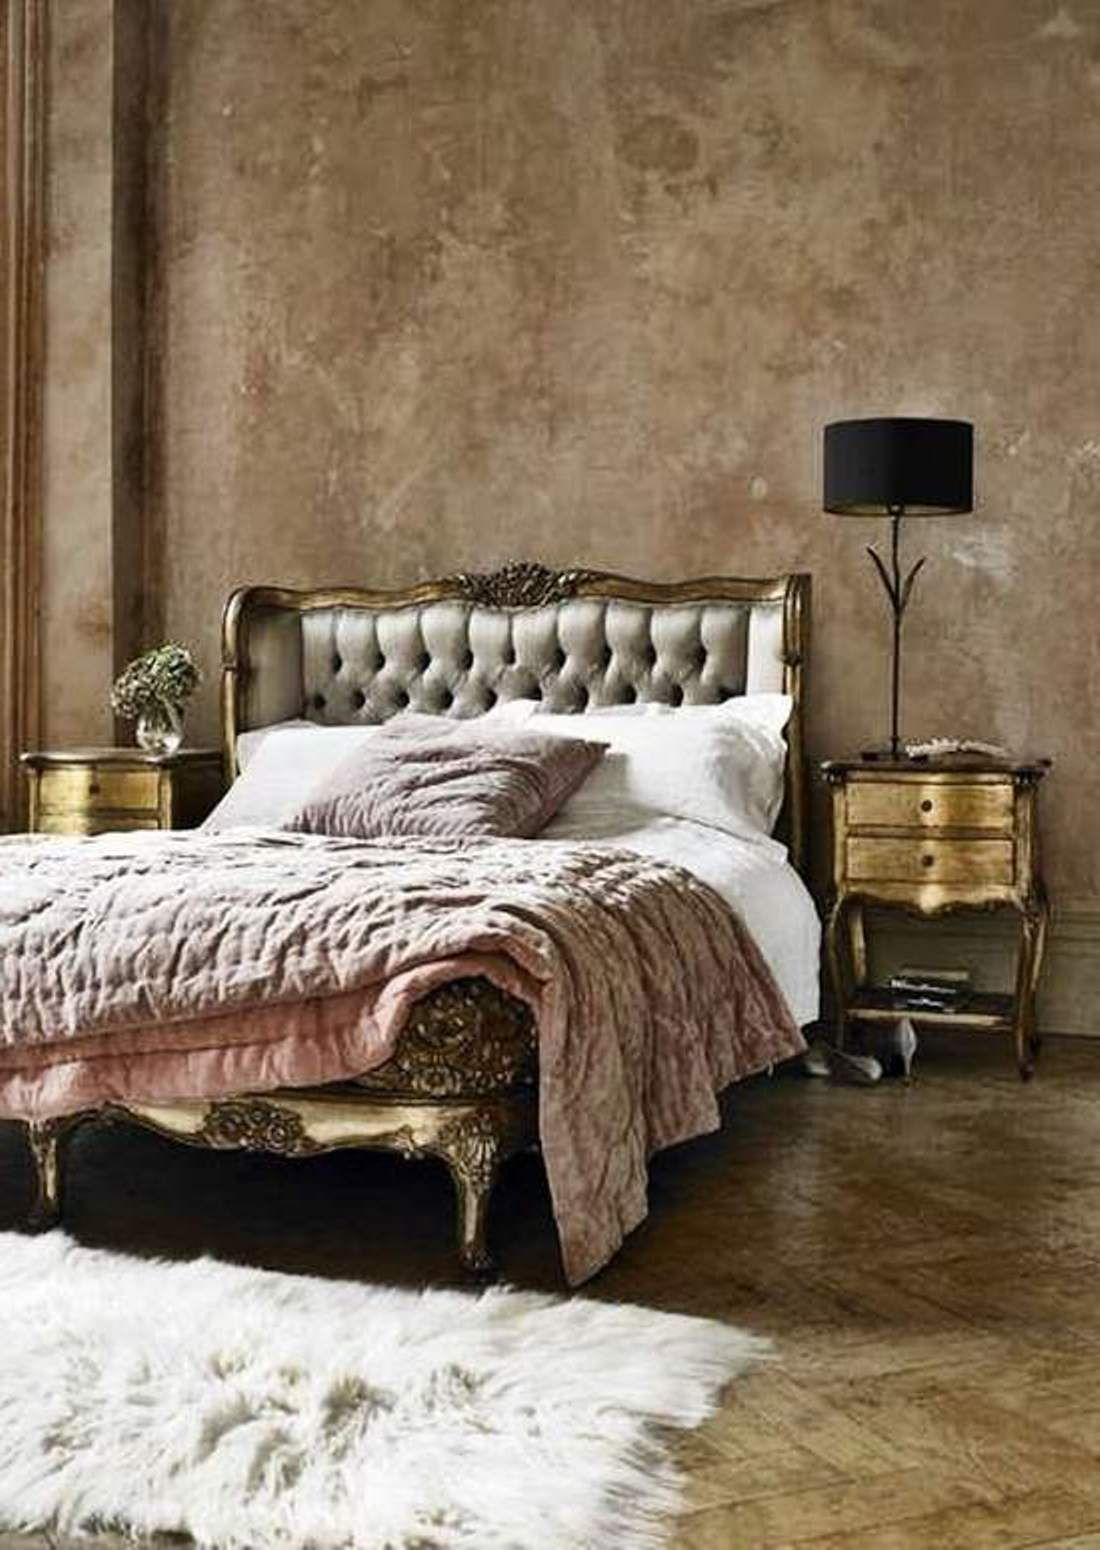 Elegant Paris Decor For Bedroom : Chic Paris Decor For